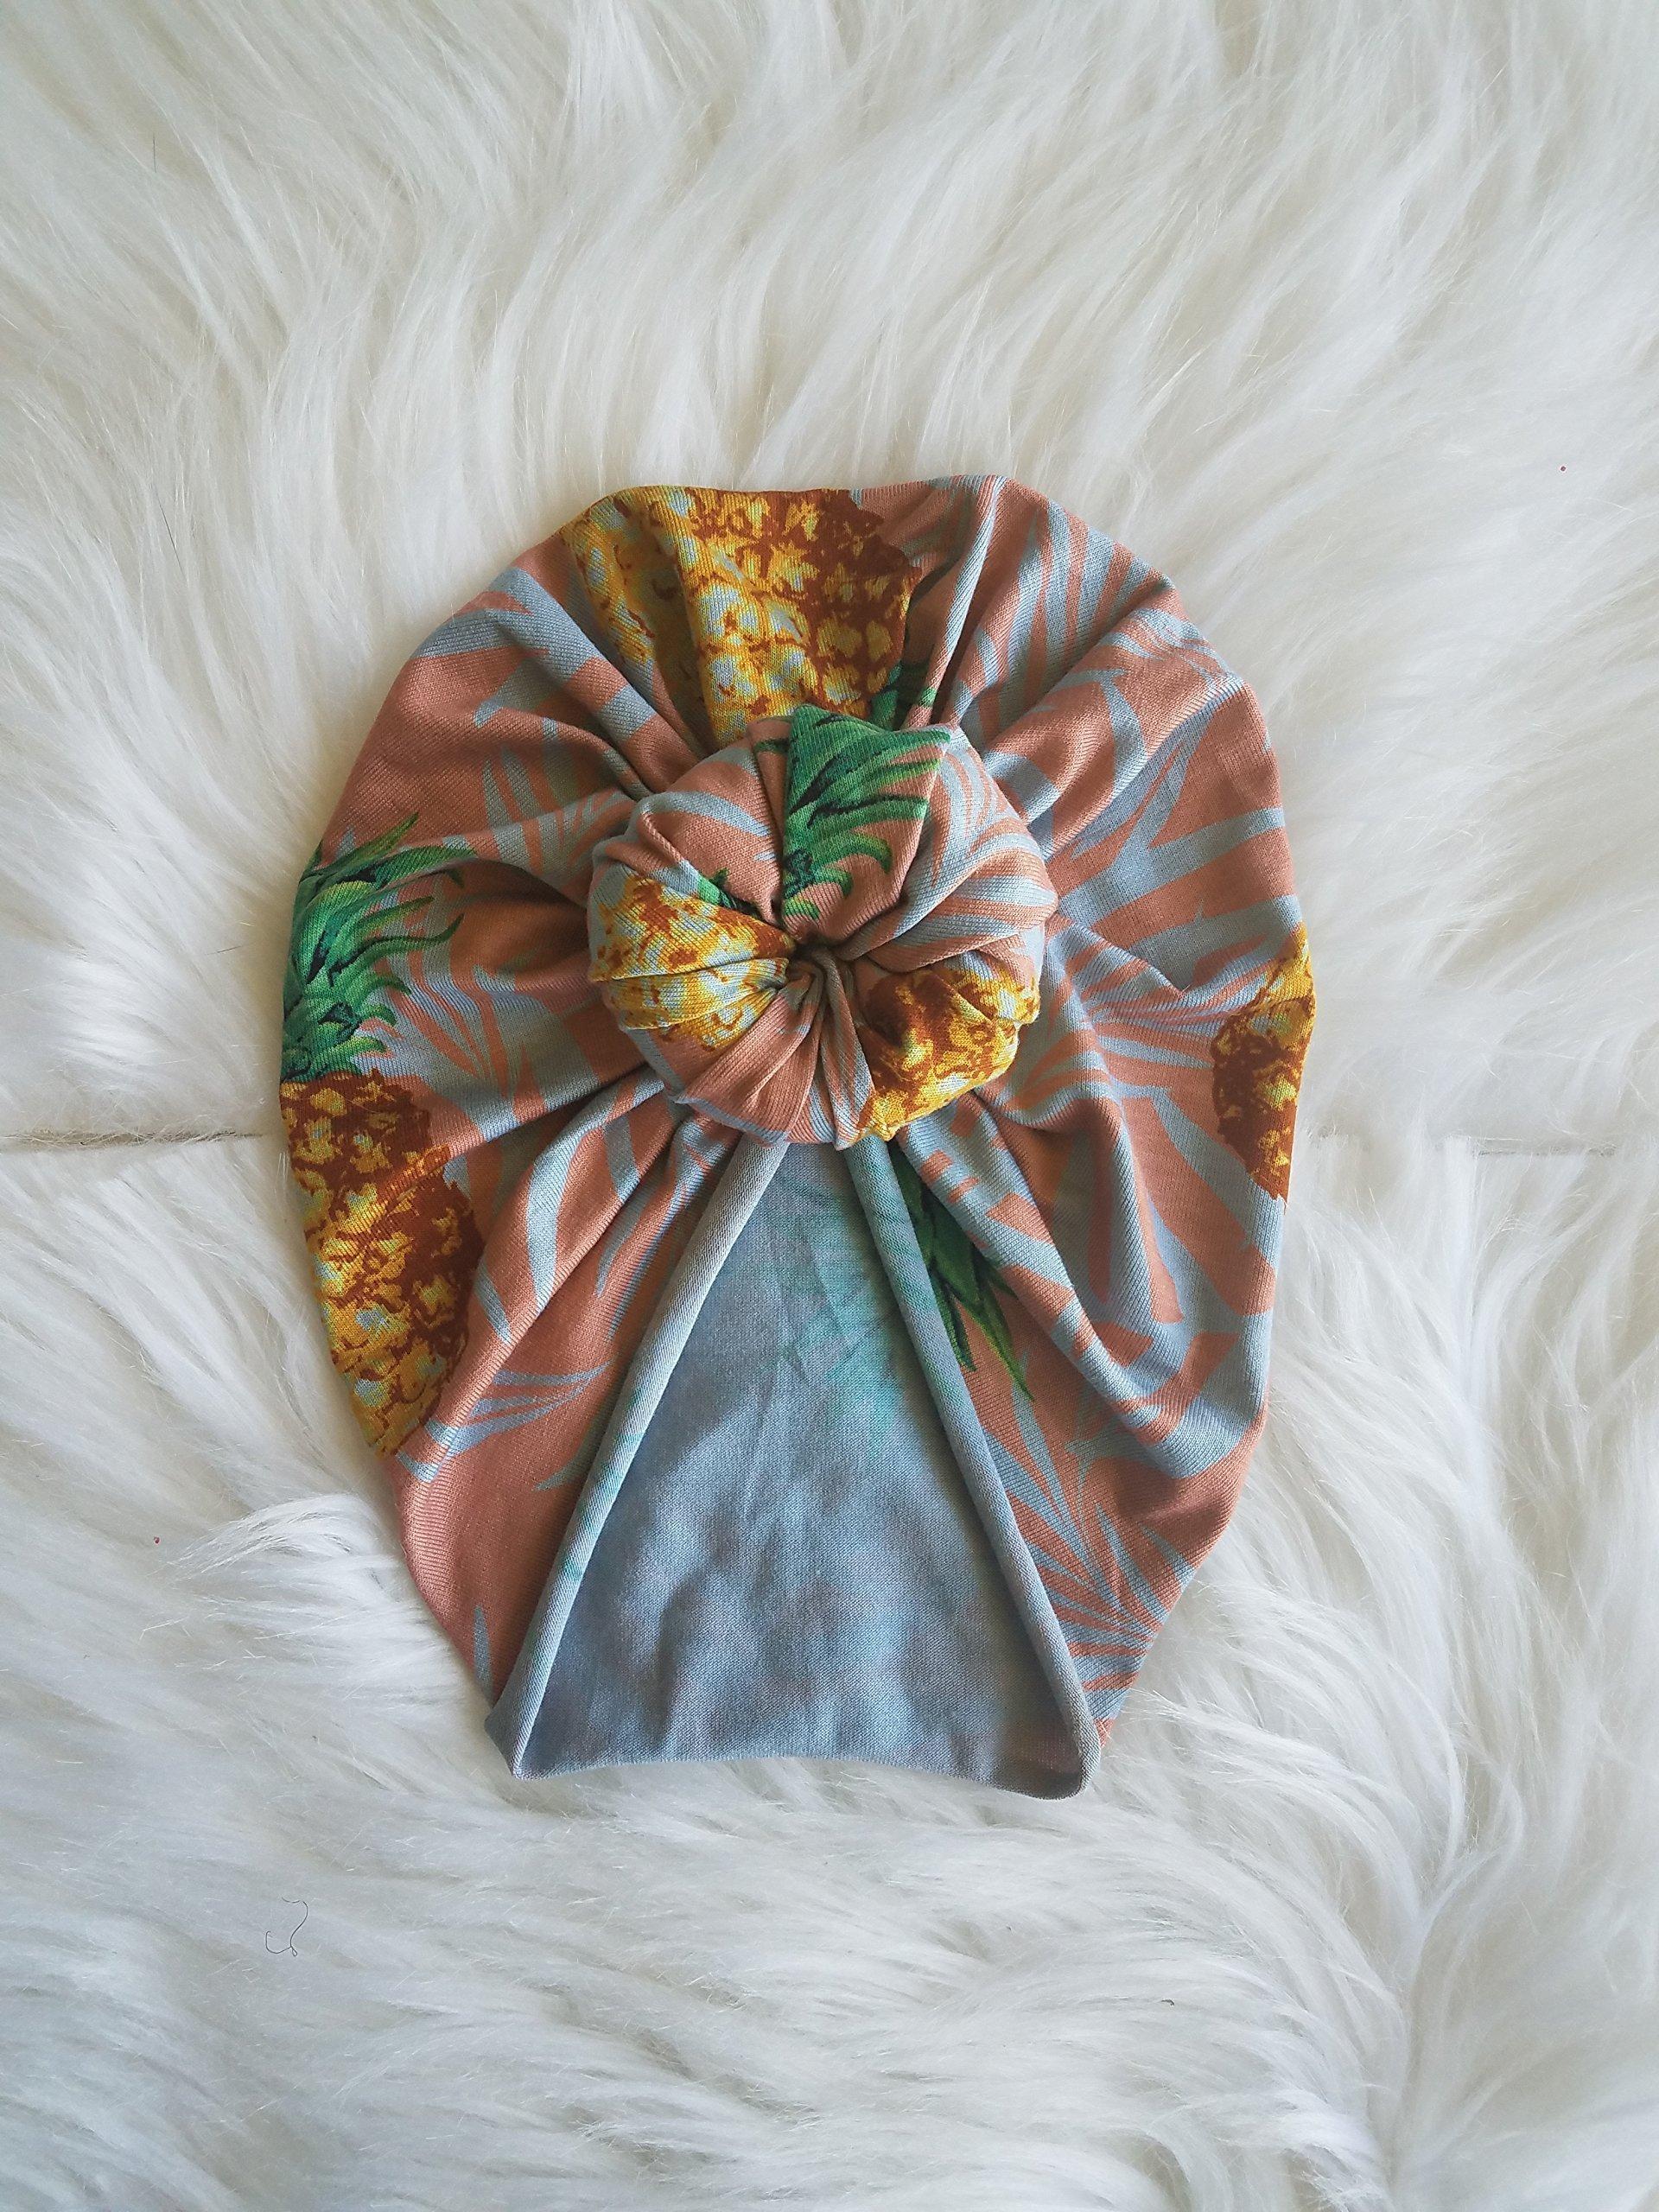 Pineapple topknot turban